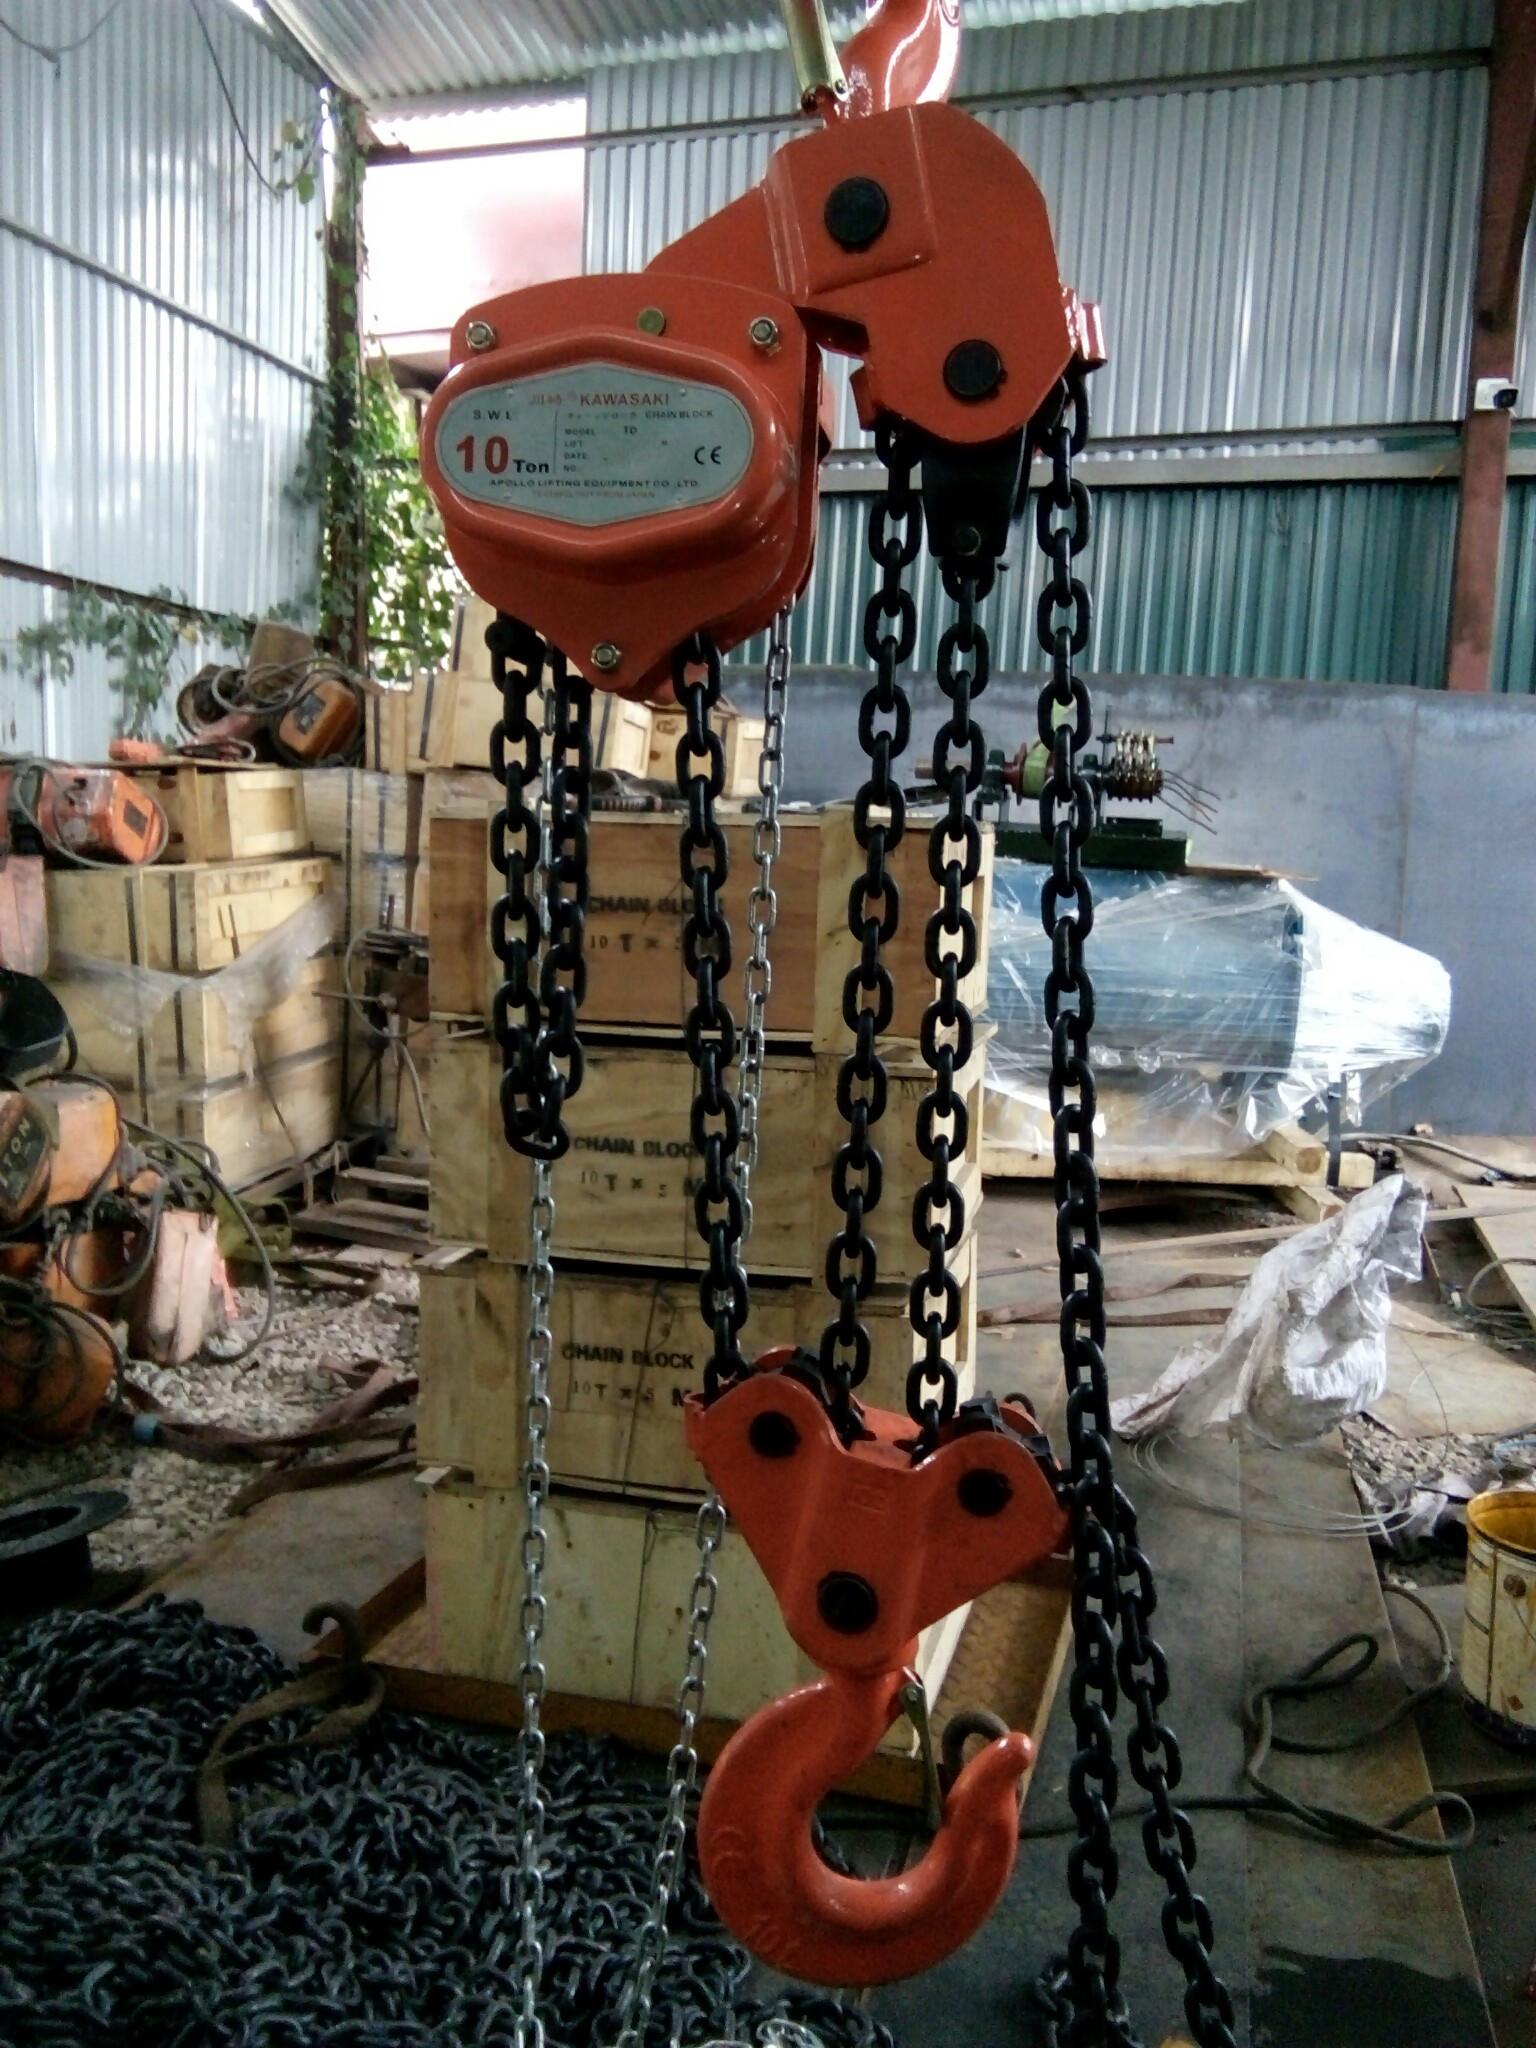 0941889251 - Con chạy đẩy tay (Trolley), Pa lăng xích kéo tay chính hãng 10 tấn, 20 tấn KAWASAKI giá tốt nhất,